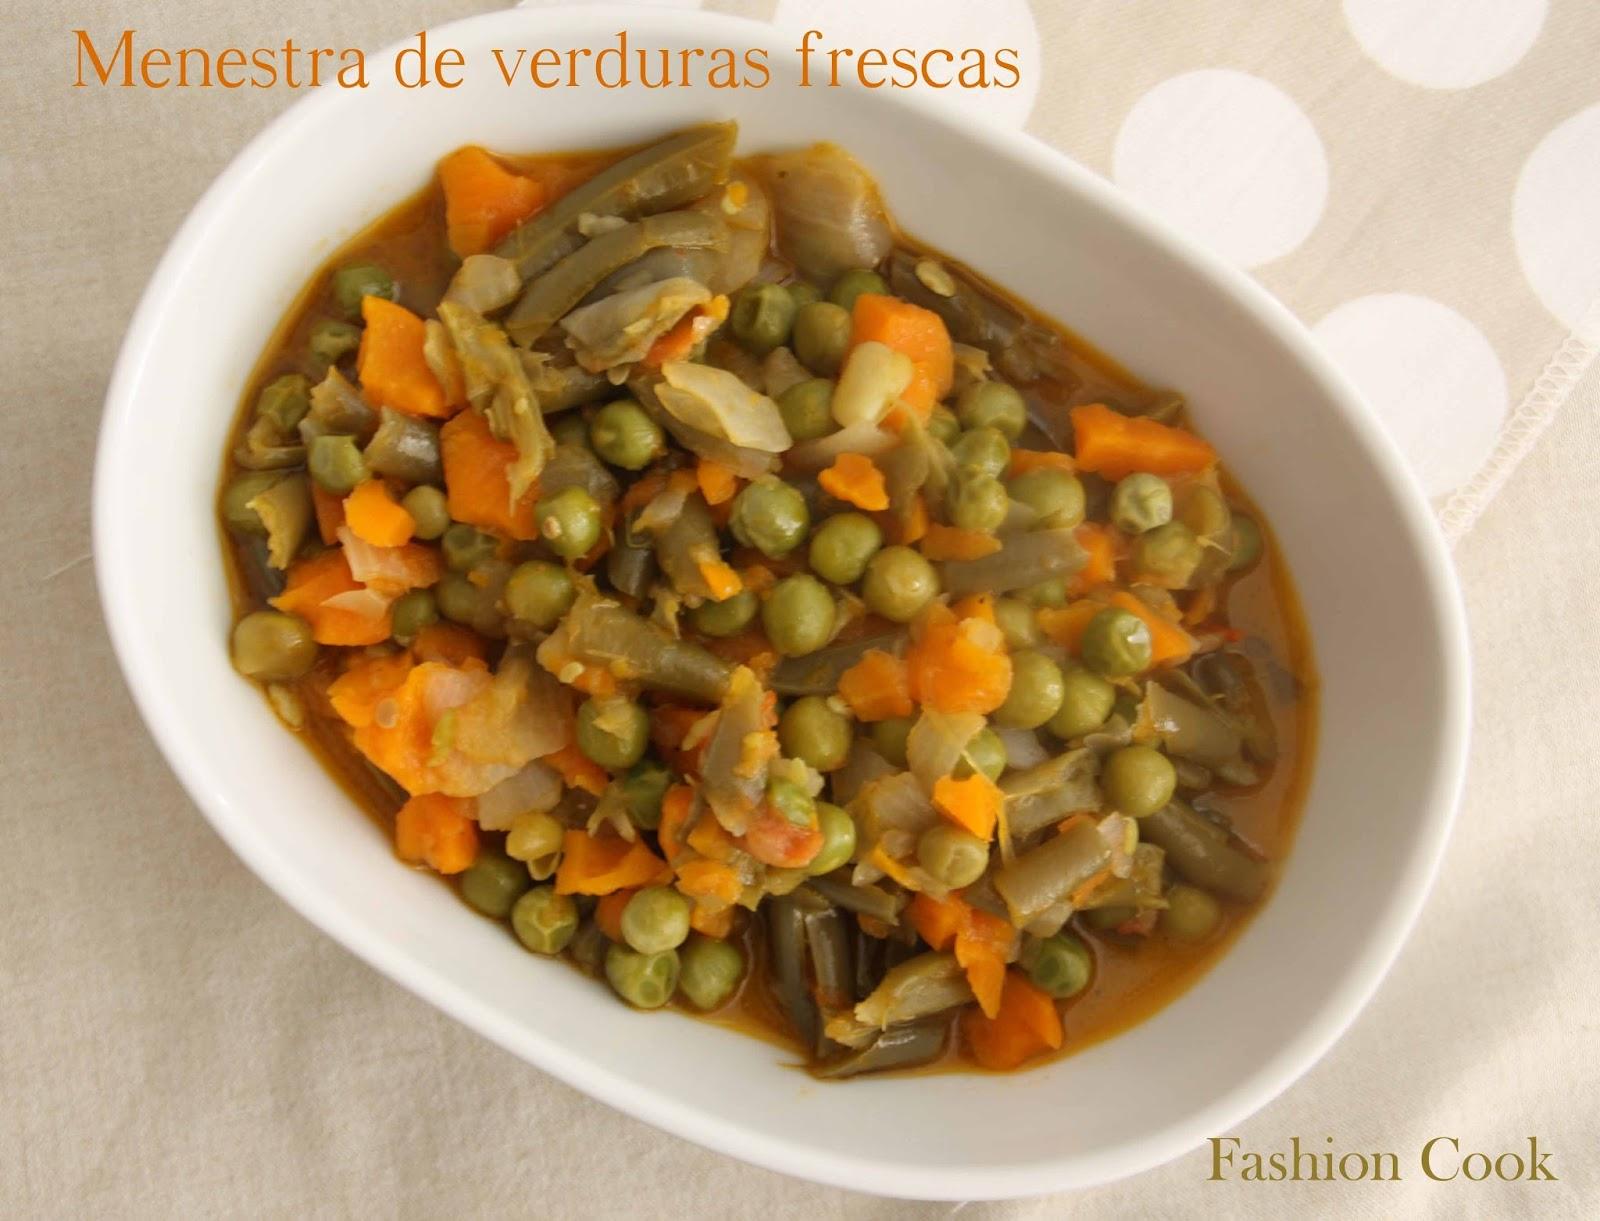 Fashion cook menestra de verduras frescas thermomix - Como preparar menestra de verduras ...